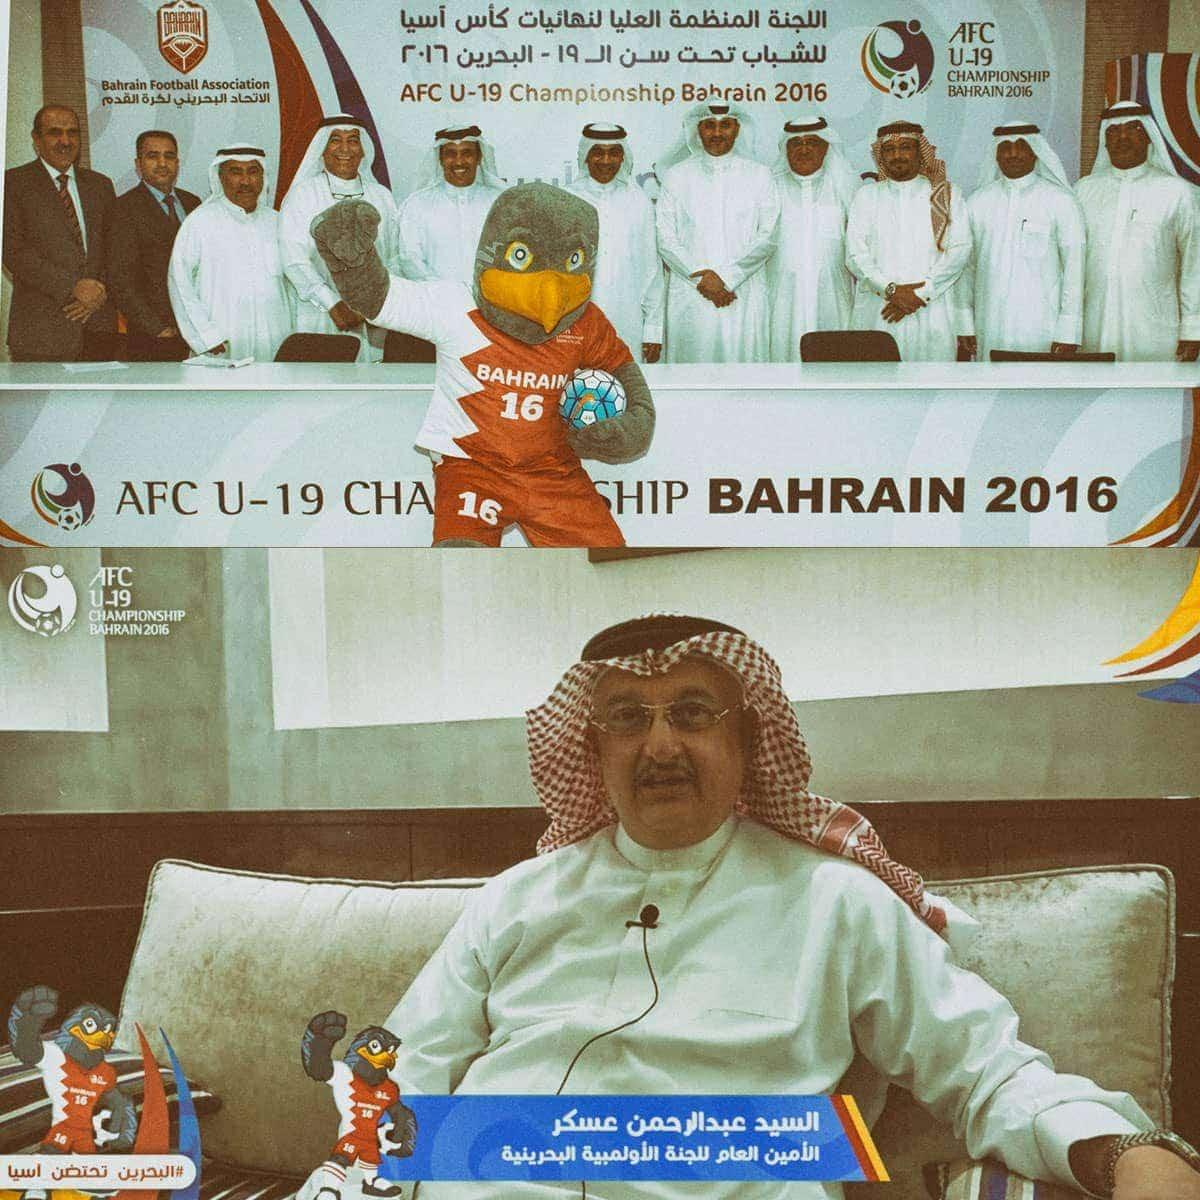 bahrein 2016 mascot design